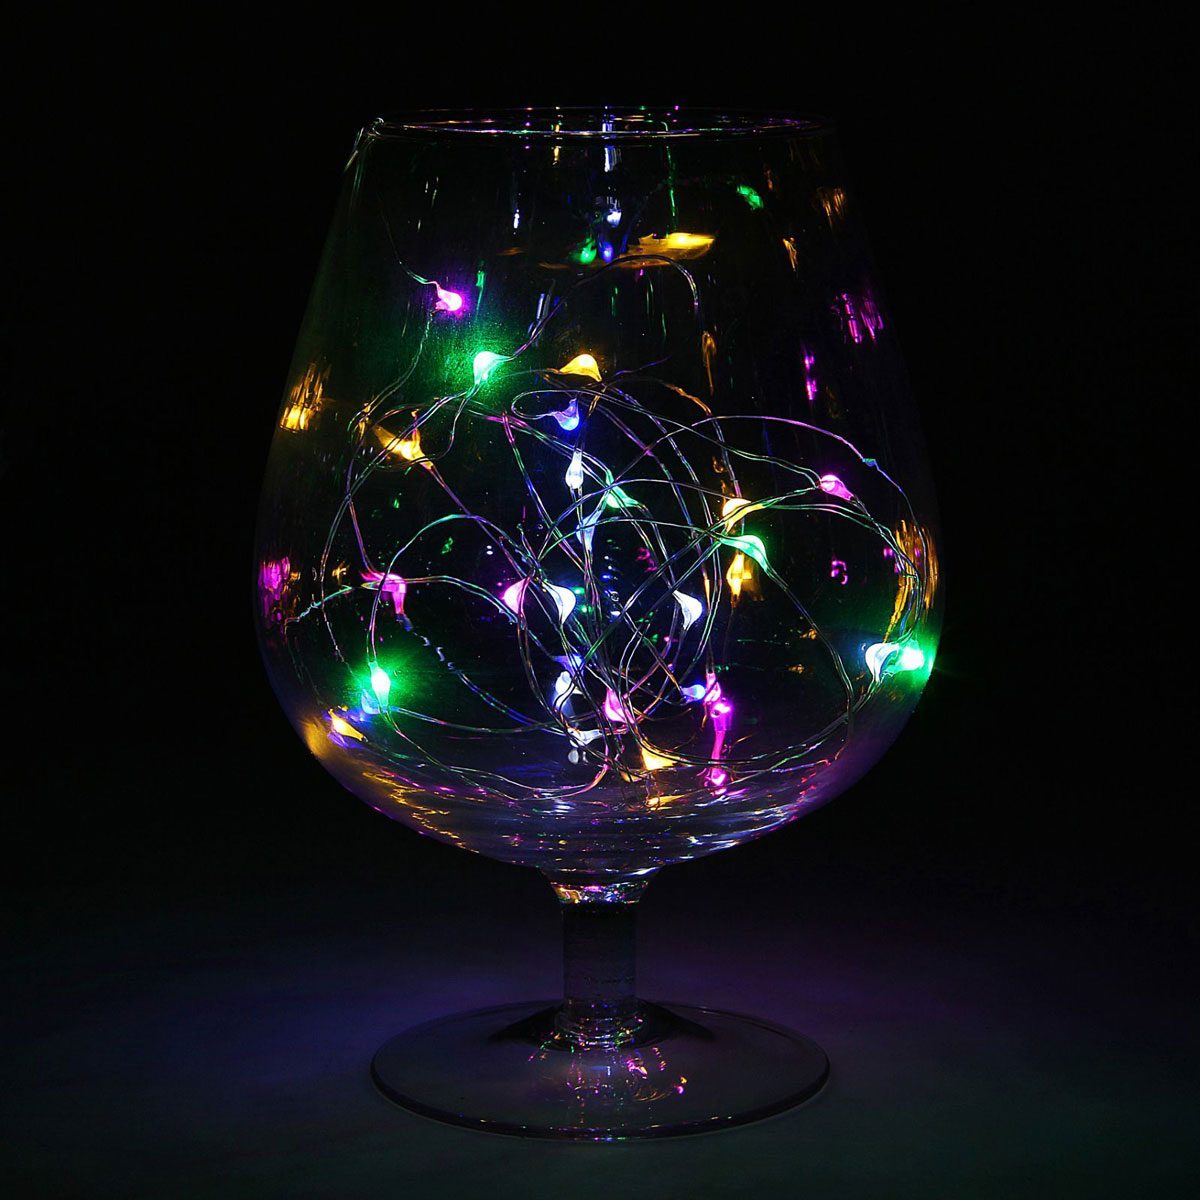 Гирлянда светодиодная Luazon Метраж. Капля росы, цвет: мультиколор, 30 ламп, 2 режима, 3,6 V, длина 3 м1080290Светодиодные гирлянды и ленты — это отличный вариант для новогоднего оформления интерьера или фасада. С их помощью помещение любого размера можно превратить в праздничный зал, а внешние элементы зданий, украшенные ими, мгновенно станут напоминать очертания сказочного дворца. Такие украшения создают ауру предвкушения чуда. Деревья, фасады, витрины, окна и арки будто специально созданы, чтобы вы украсили их светящимися нитями.